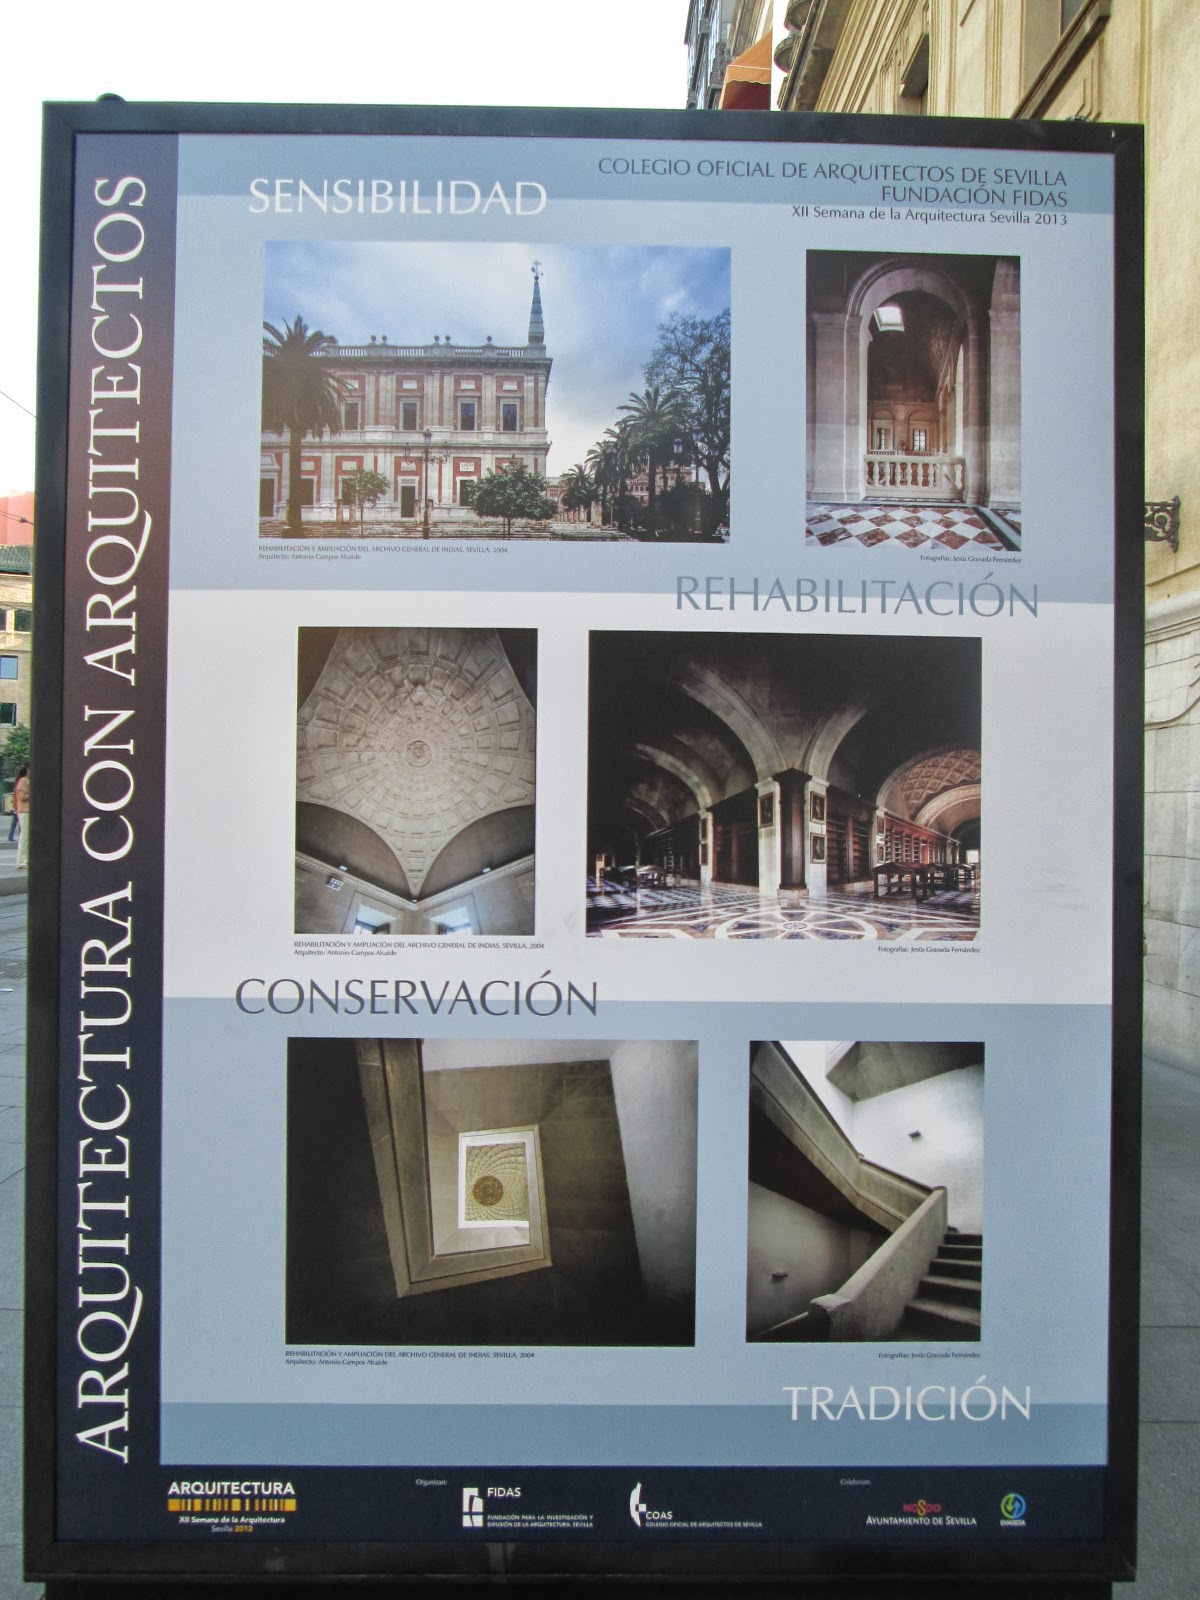 Arquitectura campos alcaide la rehabilitaci n del archivo - Arquitectura tecnica sevilla ...